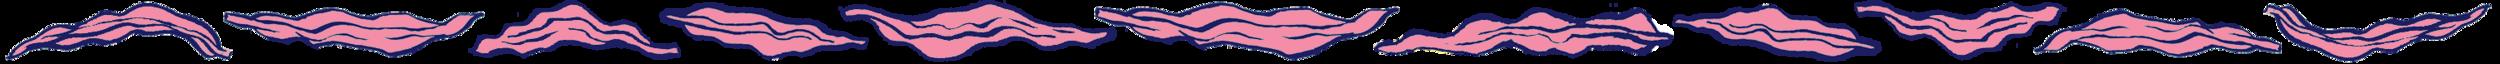 Food lines leaves pink.png